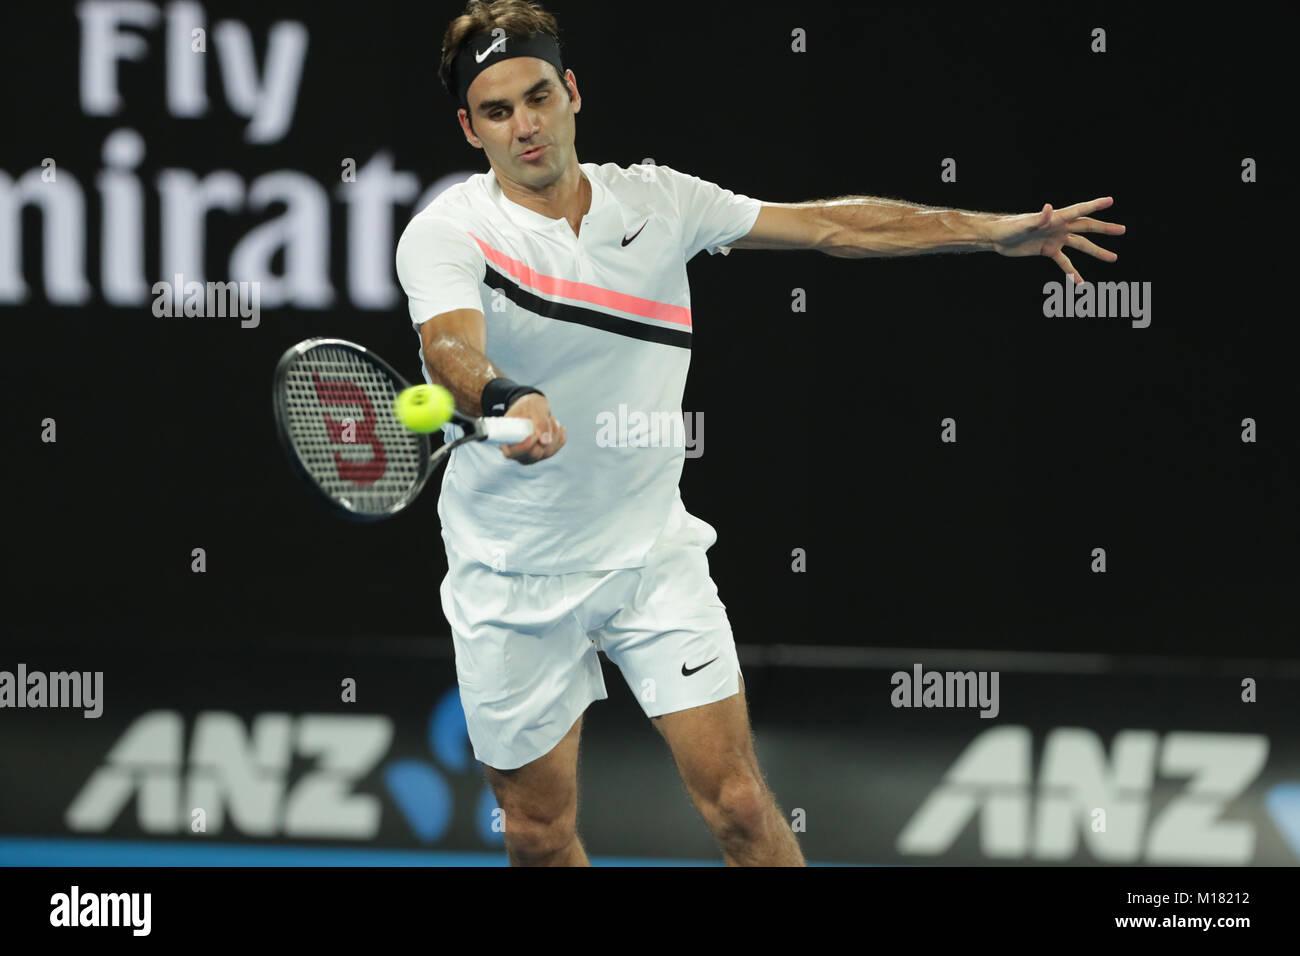 Melbourne, Australien. 28. Januar 2018. Schweizer Tennisspieler Roger Federer ist in Aktion während seiner 1. Runde Stockfoto